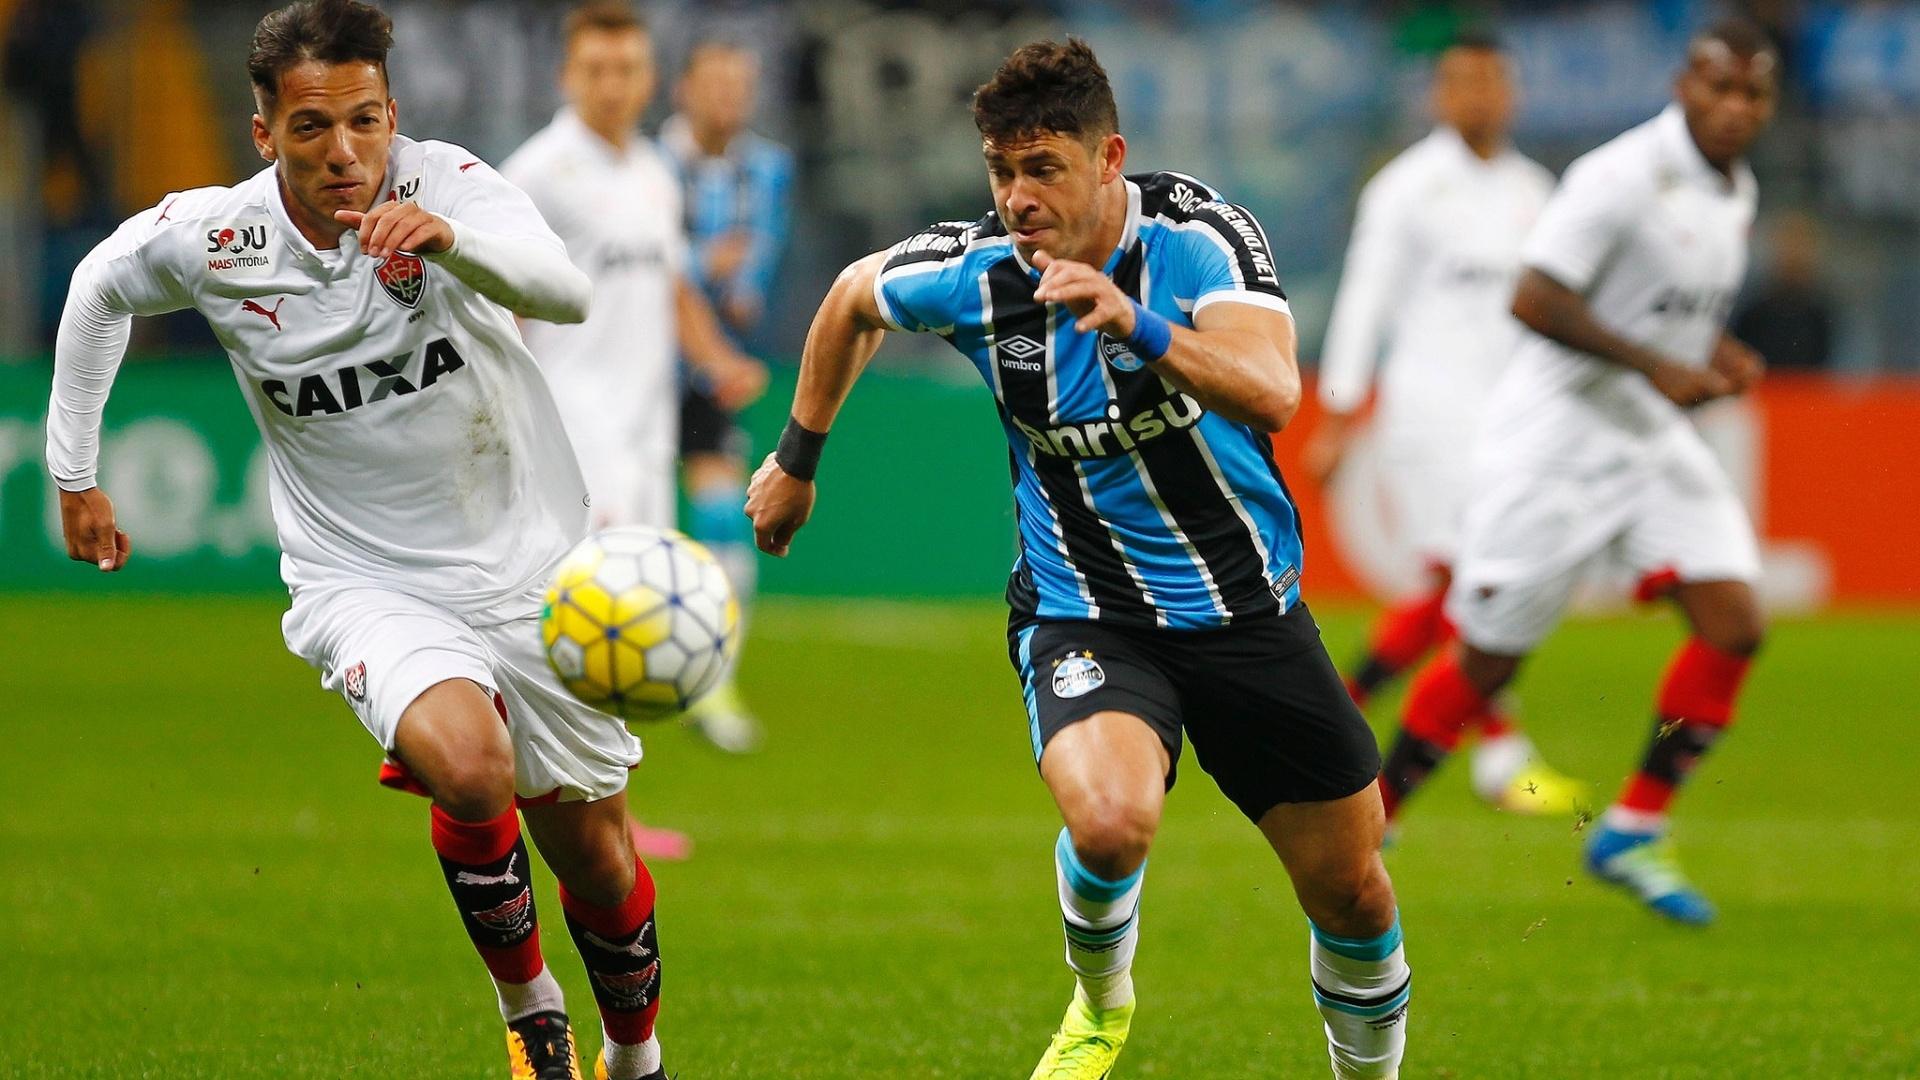 Giuliano tenta arrancada na partida entre Grêmio e Vitória